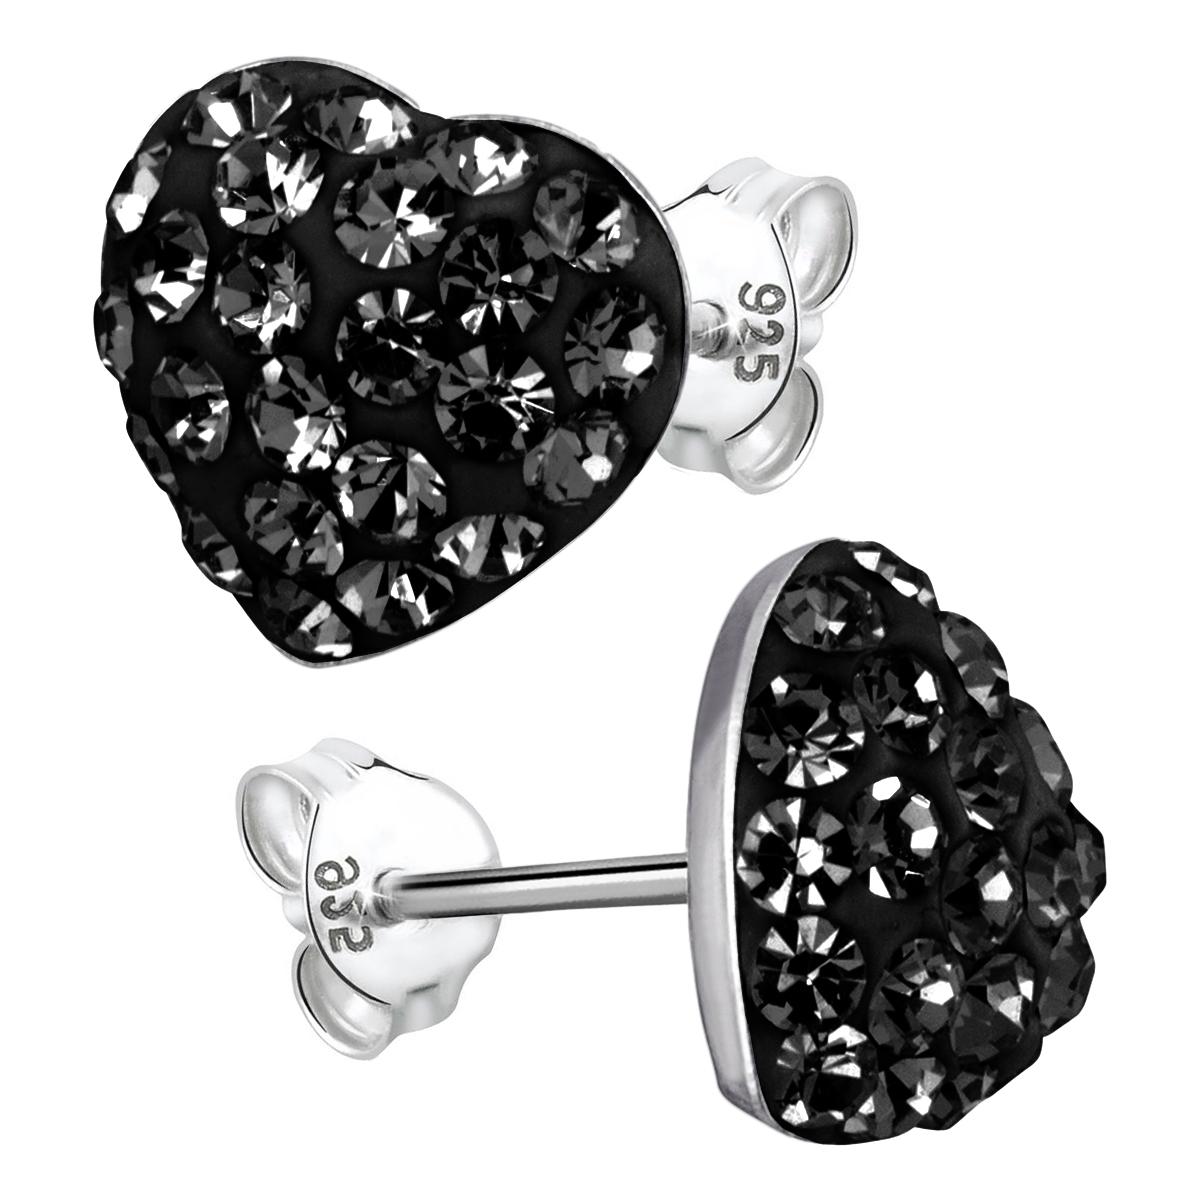 MATERIA Ohrstecker Herz schwarz Kristall - 925 Silber Ohrringe 9mm